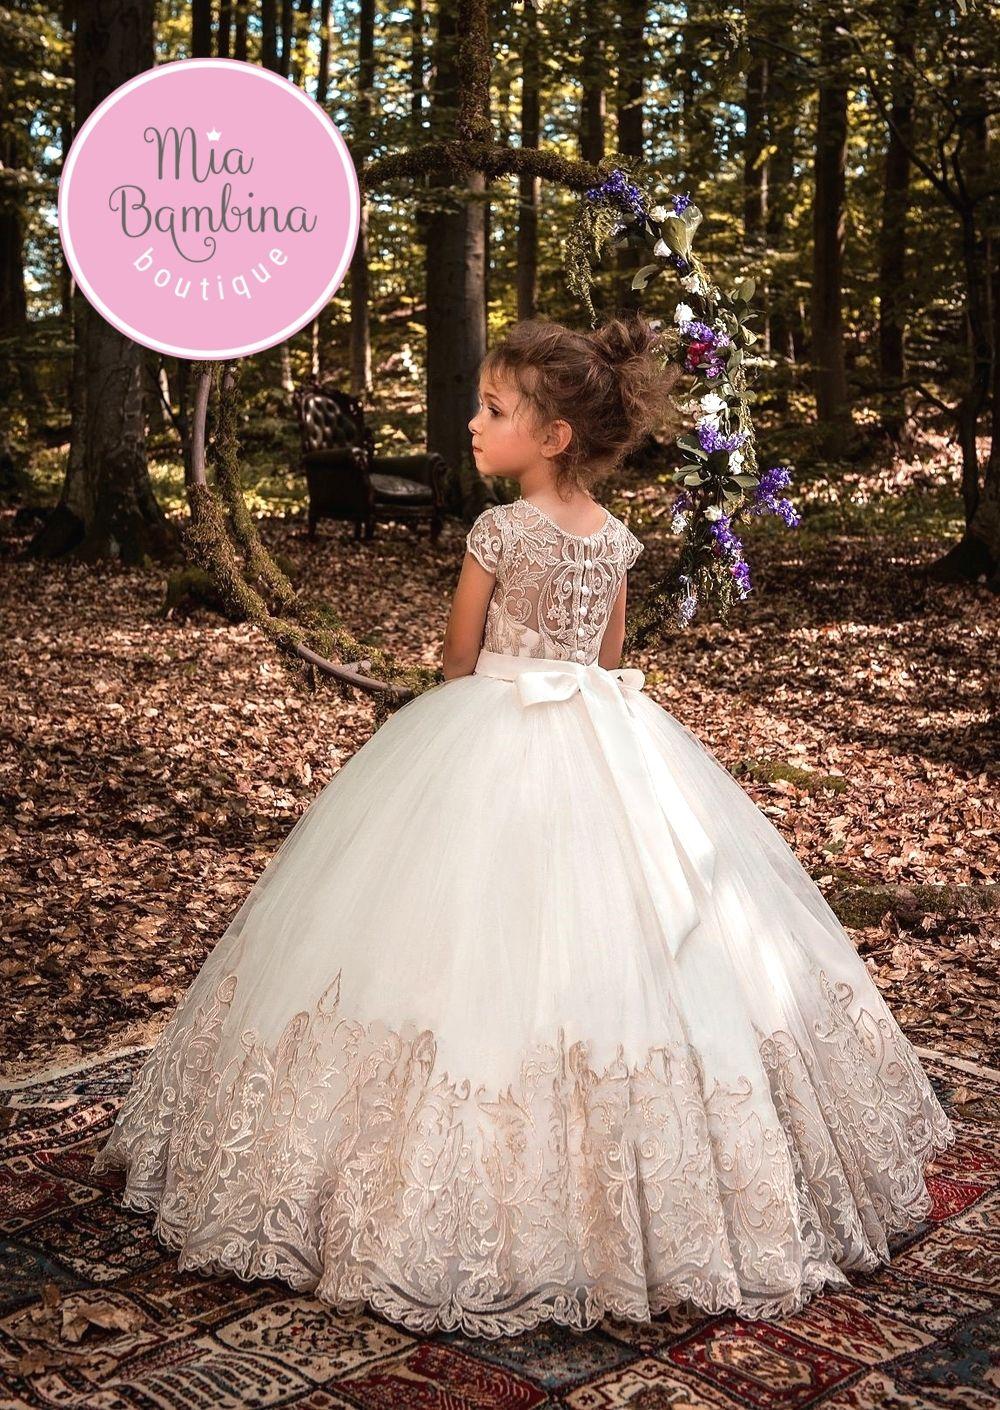 gran inventario calidad perfecta colores y llamativos Mia Bambina Boutique ✉️ info@miabambinaboutique.com ...